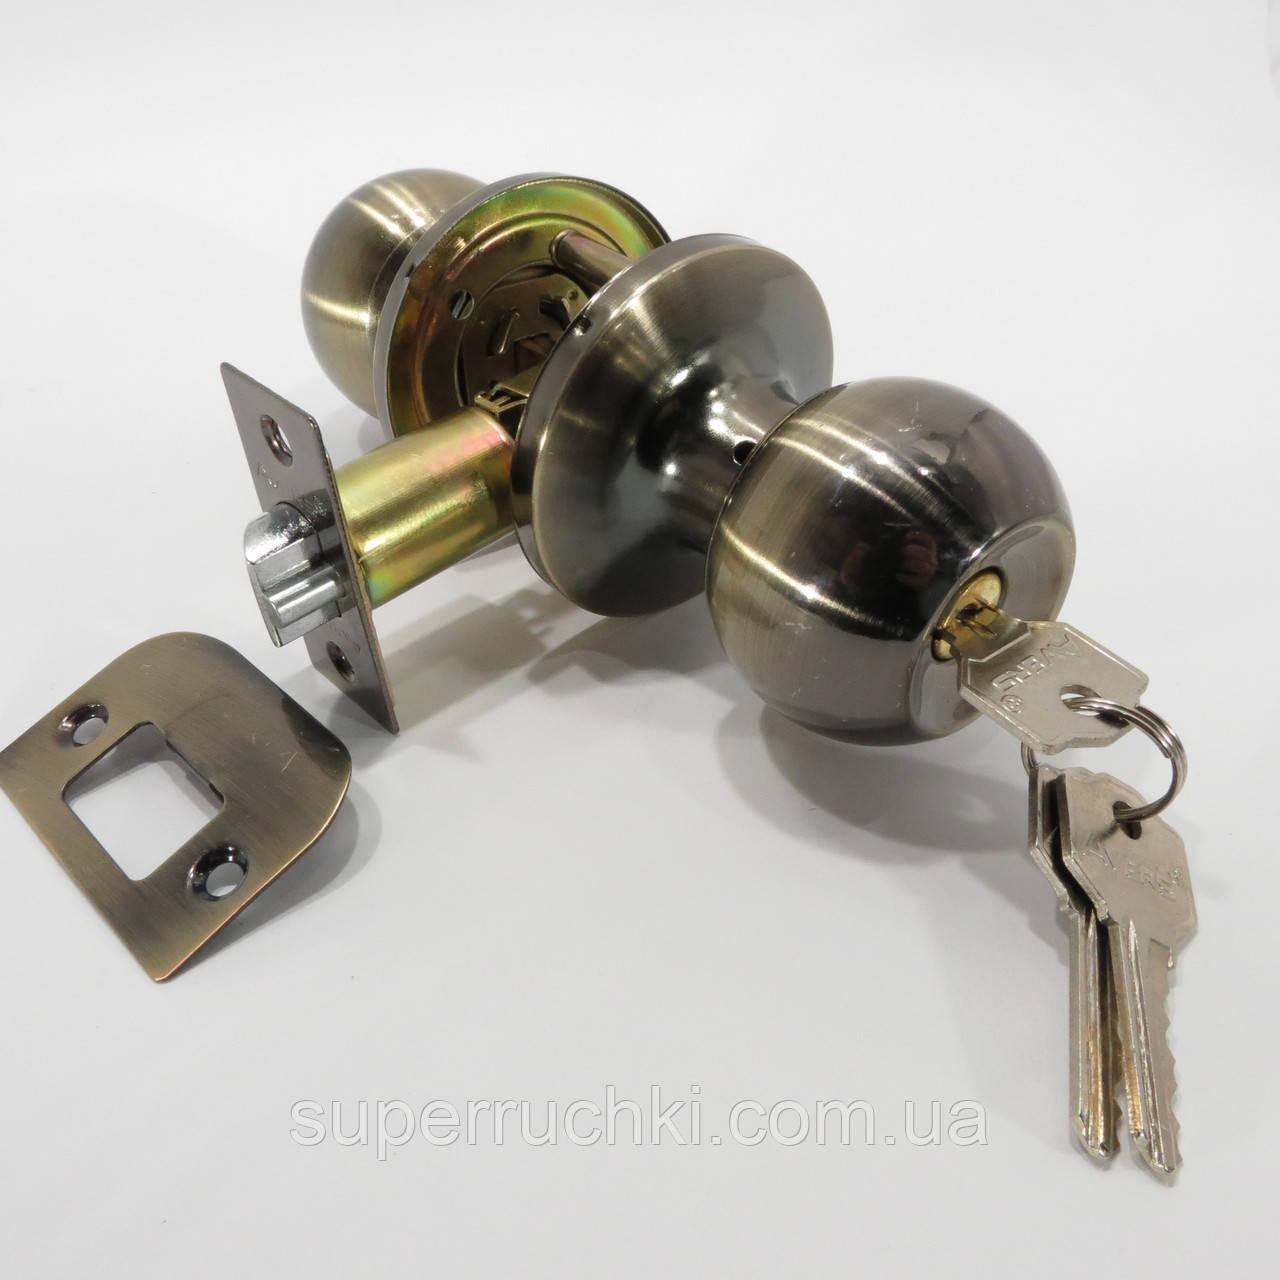 ручка защелка для межкомнатных дверей купить